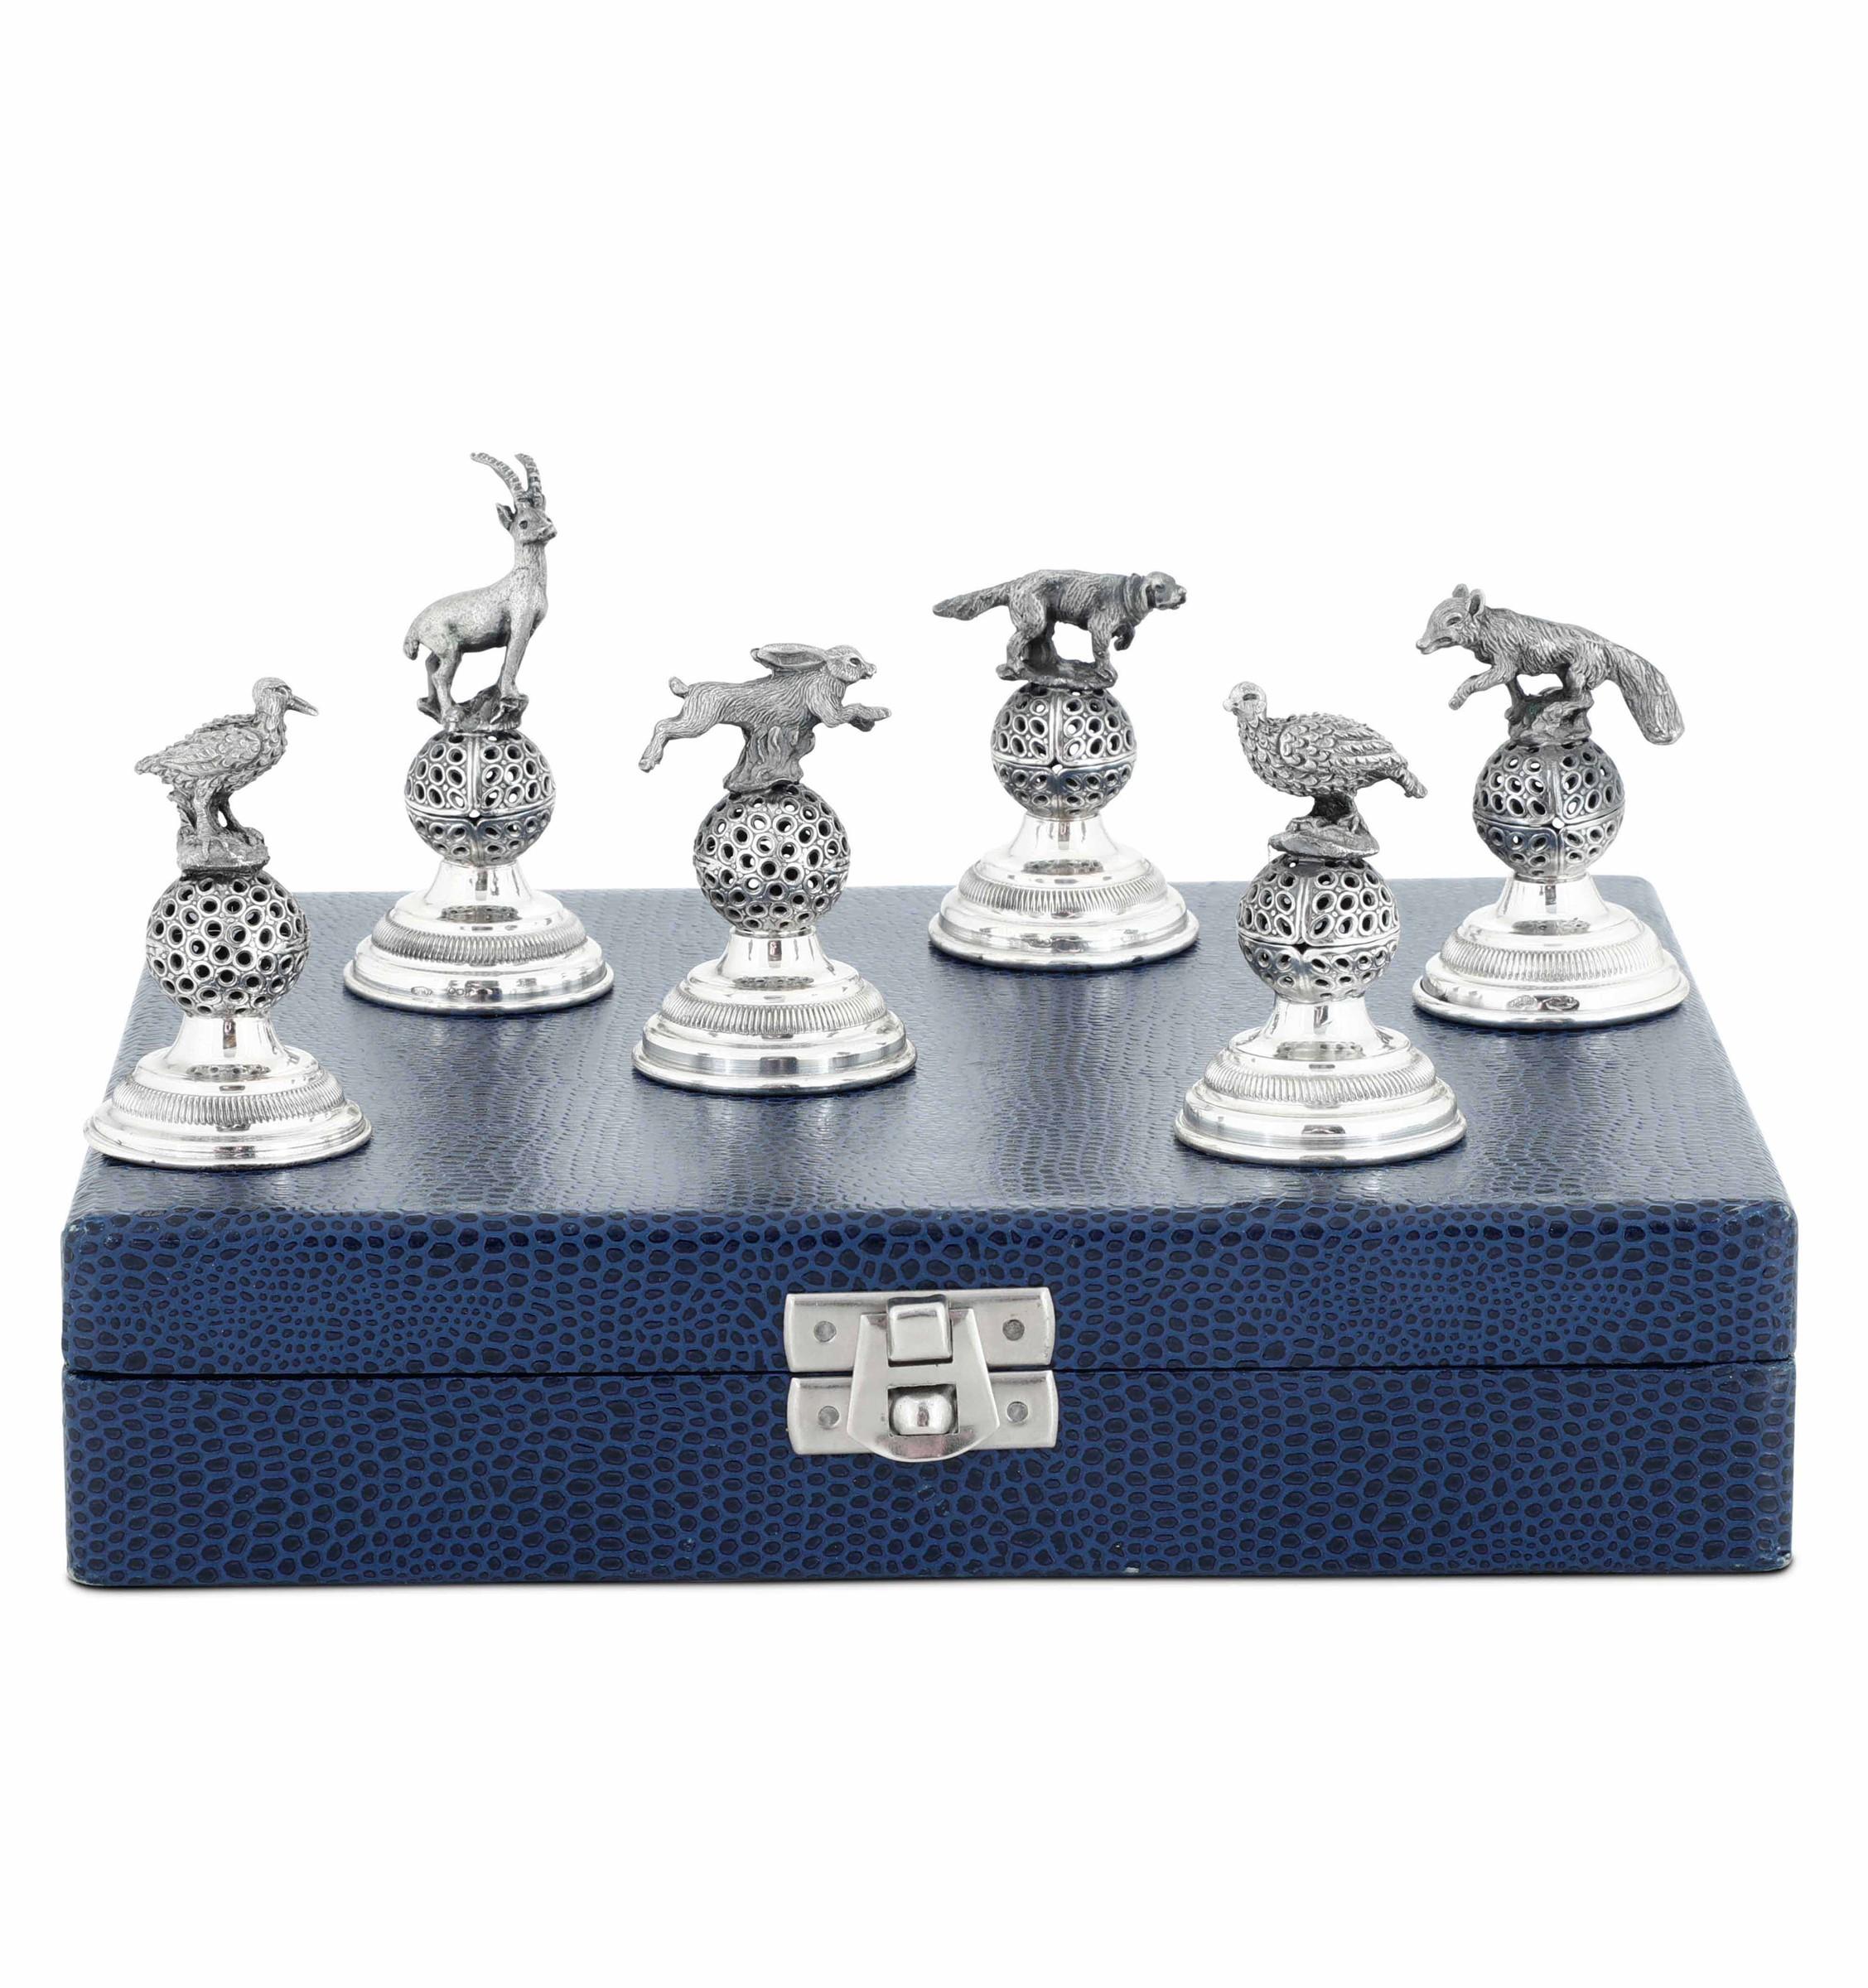 Sei segnaposto in argento e legno a foggia di animali da caccia. Argenteria italiana [...] - Image 2 of 3